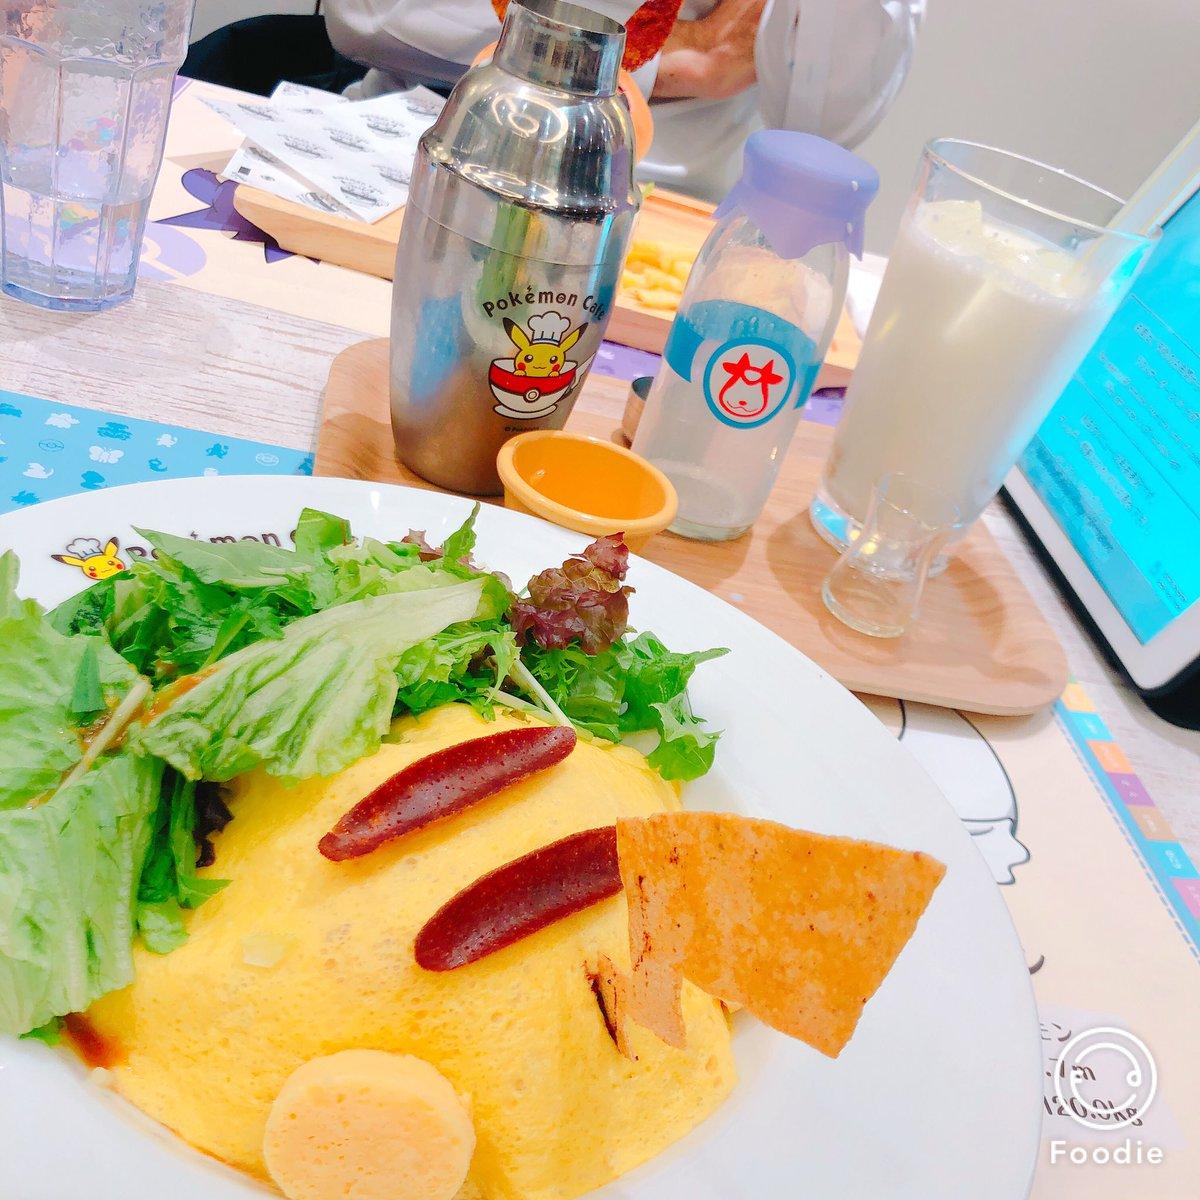 test ツイッターメディア - ポケモンカフェに行ってきましたぞ モーモーミルクは存在していた…😭😭 そしてイーブイ襲来💥💥もふもふ! https://t.co/Myeo5rQdTU